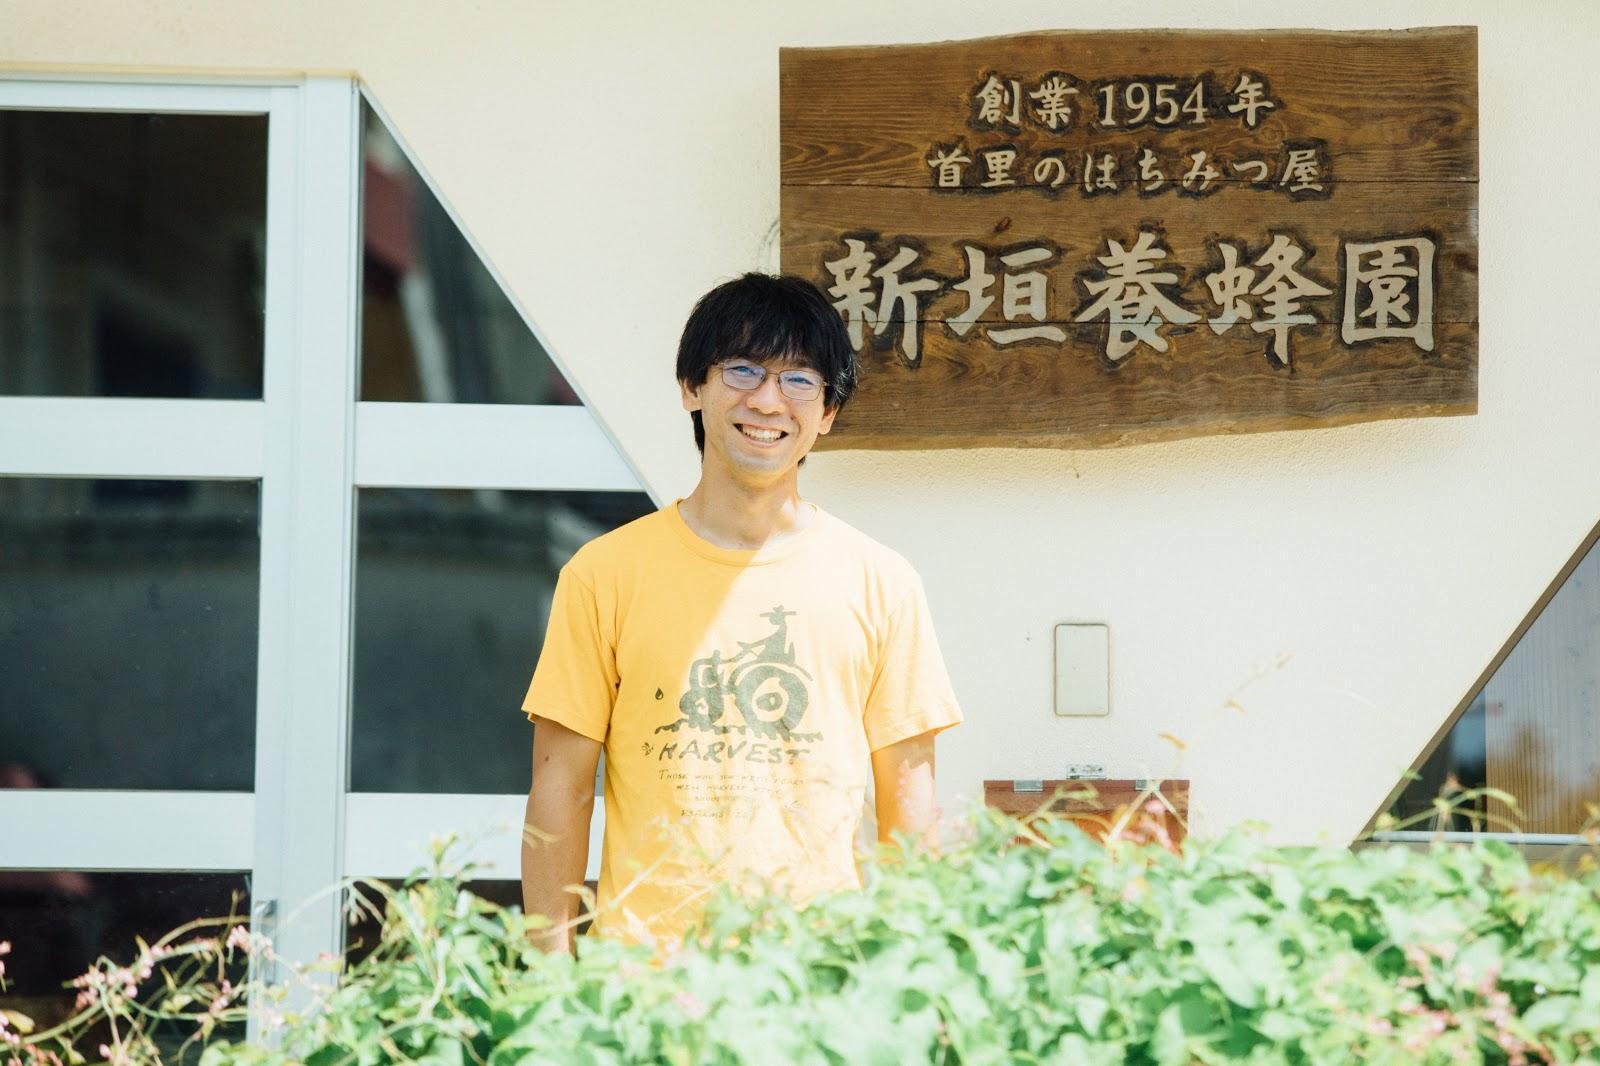 新垣伝 さん (「新垣養蜂園」代表 /NPO法人「首里まちづくり研究会」事務局次長)